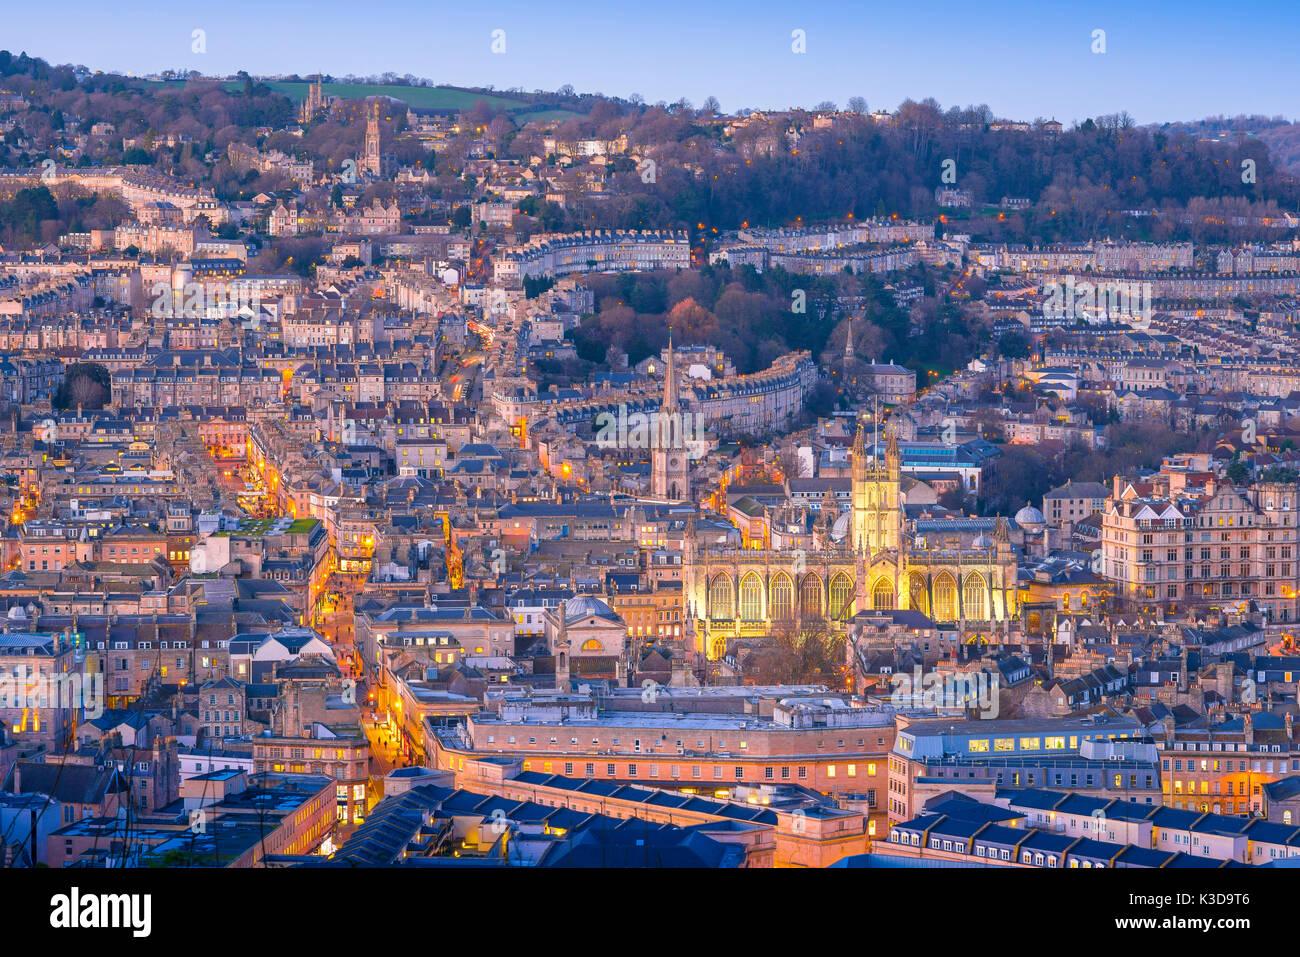 Bath City UK, Luftaufnahme der Stadt Bath in der Dämmerung an einem Winterabend, Somerset, England, Großbritannien Stockbild